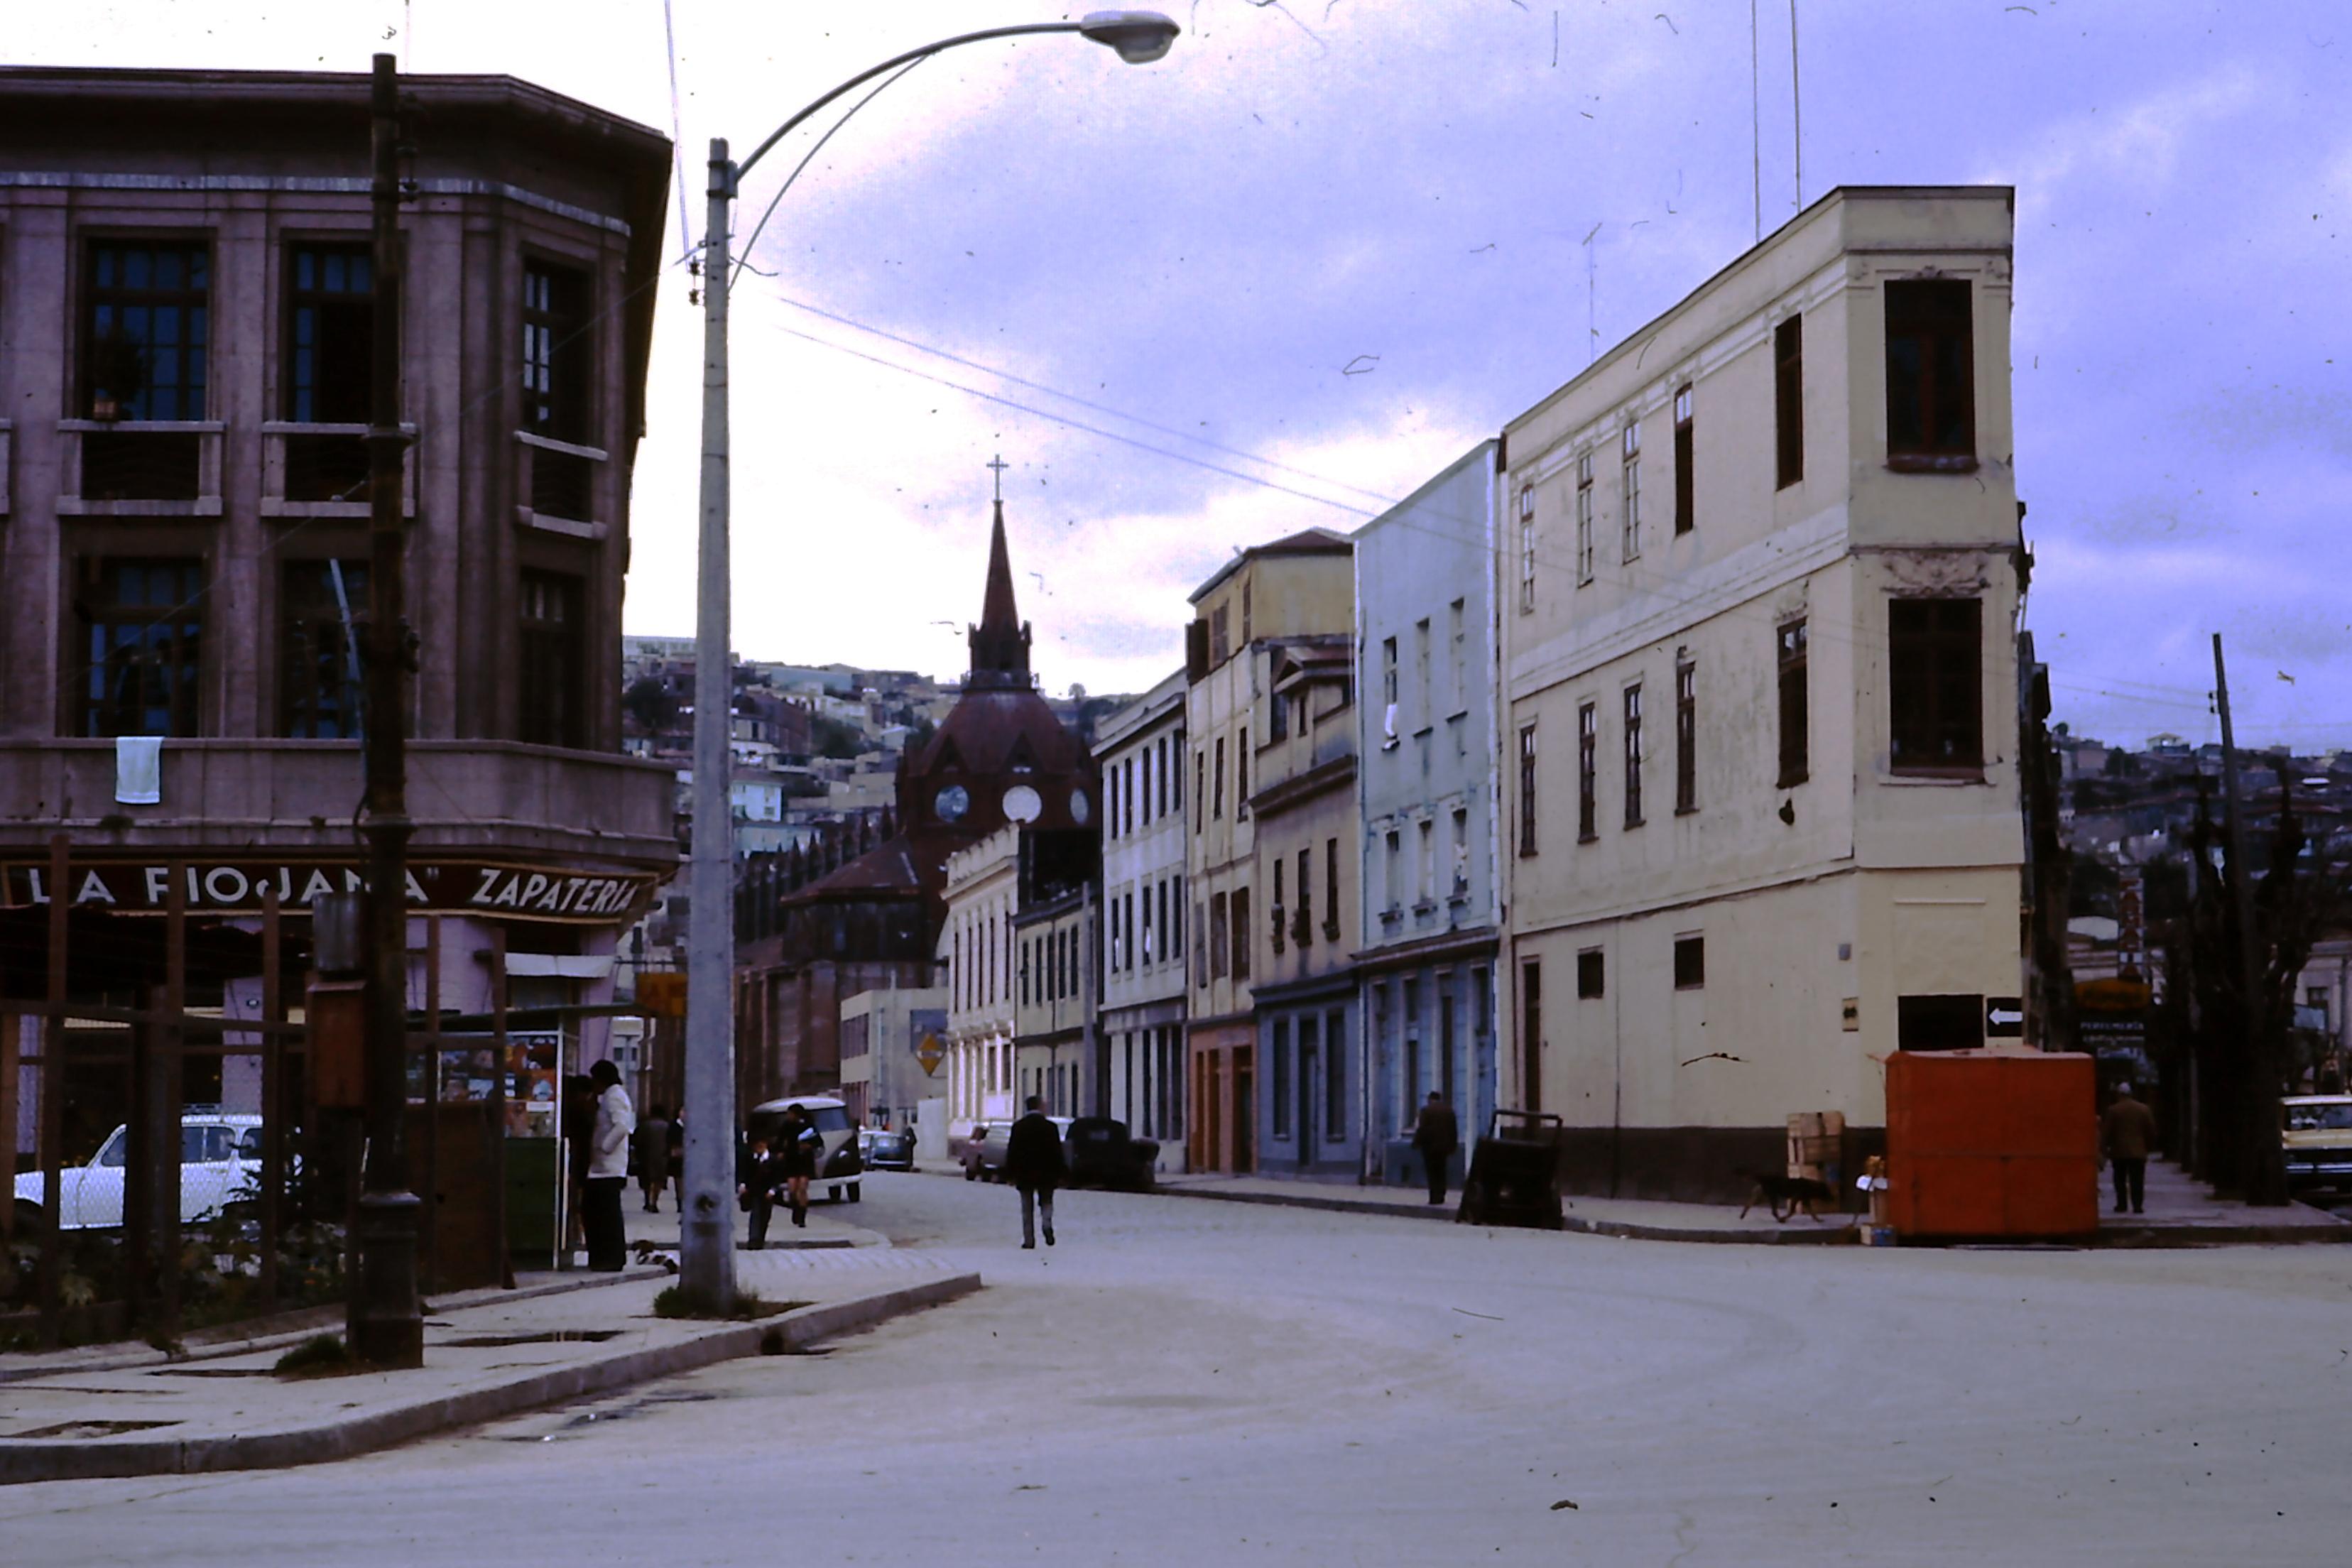 Enterreno - Fotos históricas de chile - fotos antiguas de Chile - Calle Deformes con Victoria en 1970